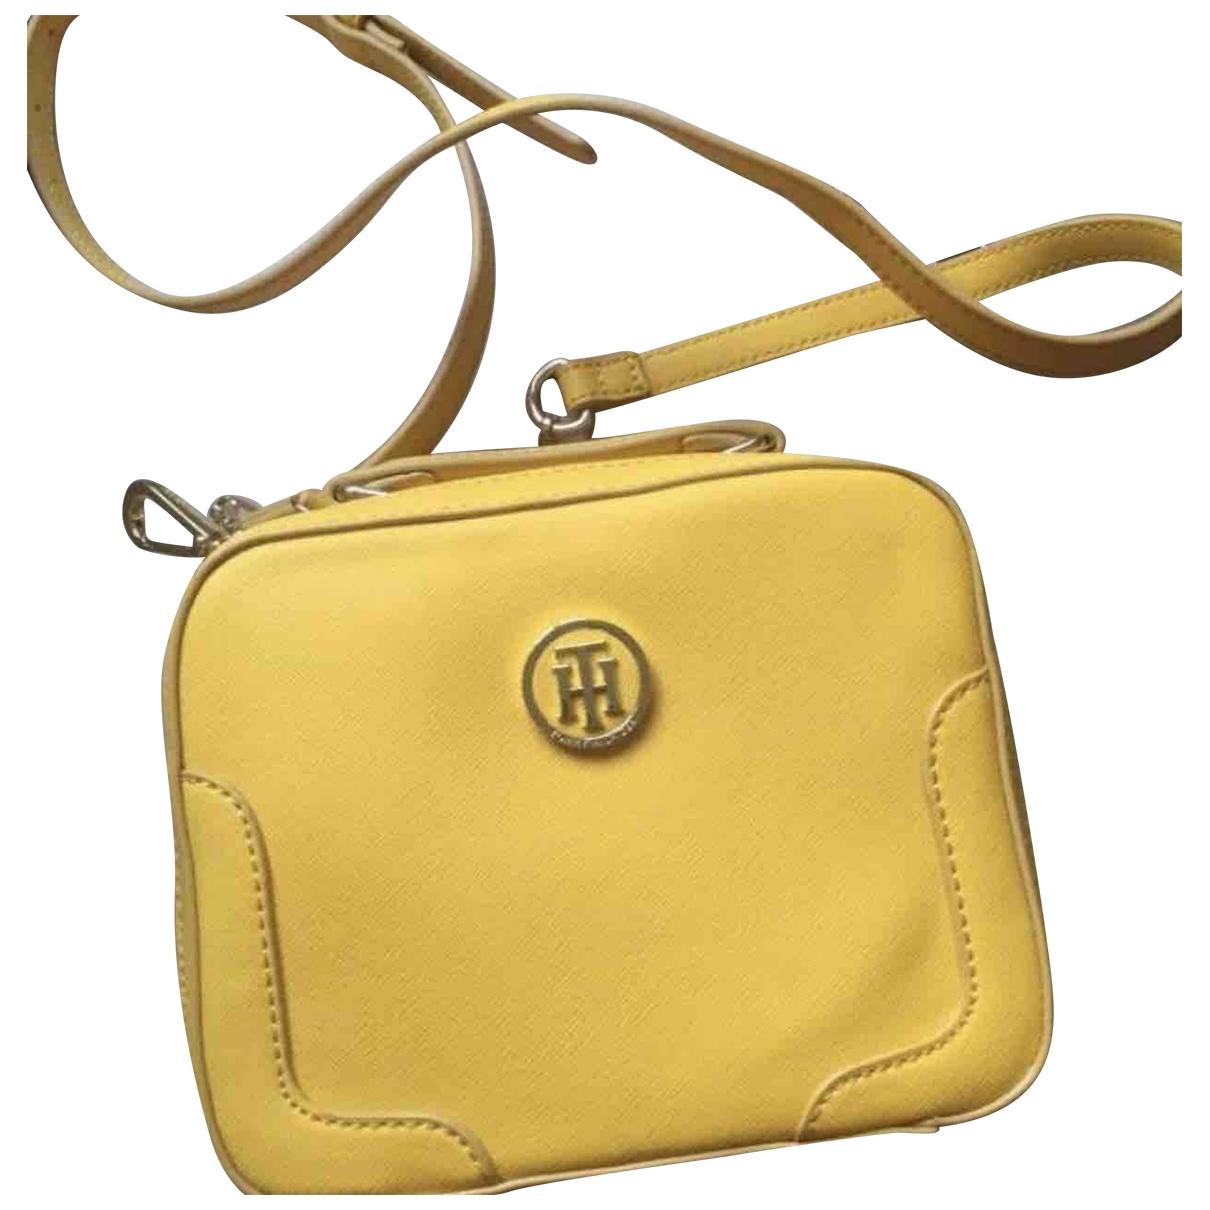 Tommy Hilfiger \N Handtasche in  Gelb Leder